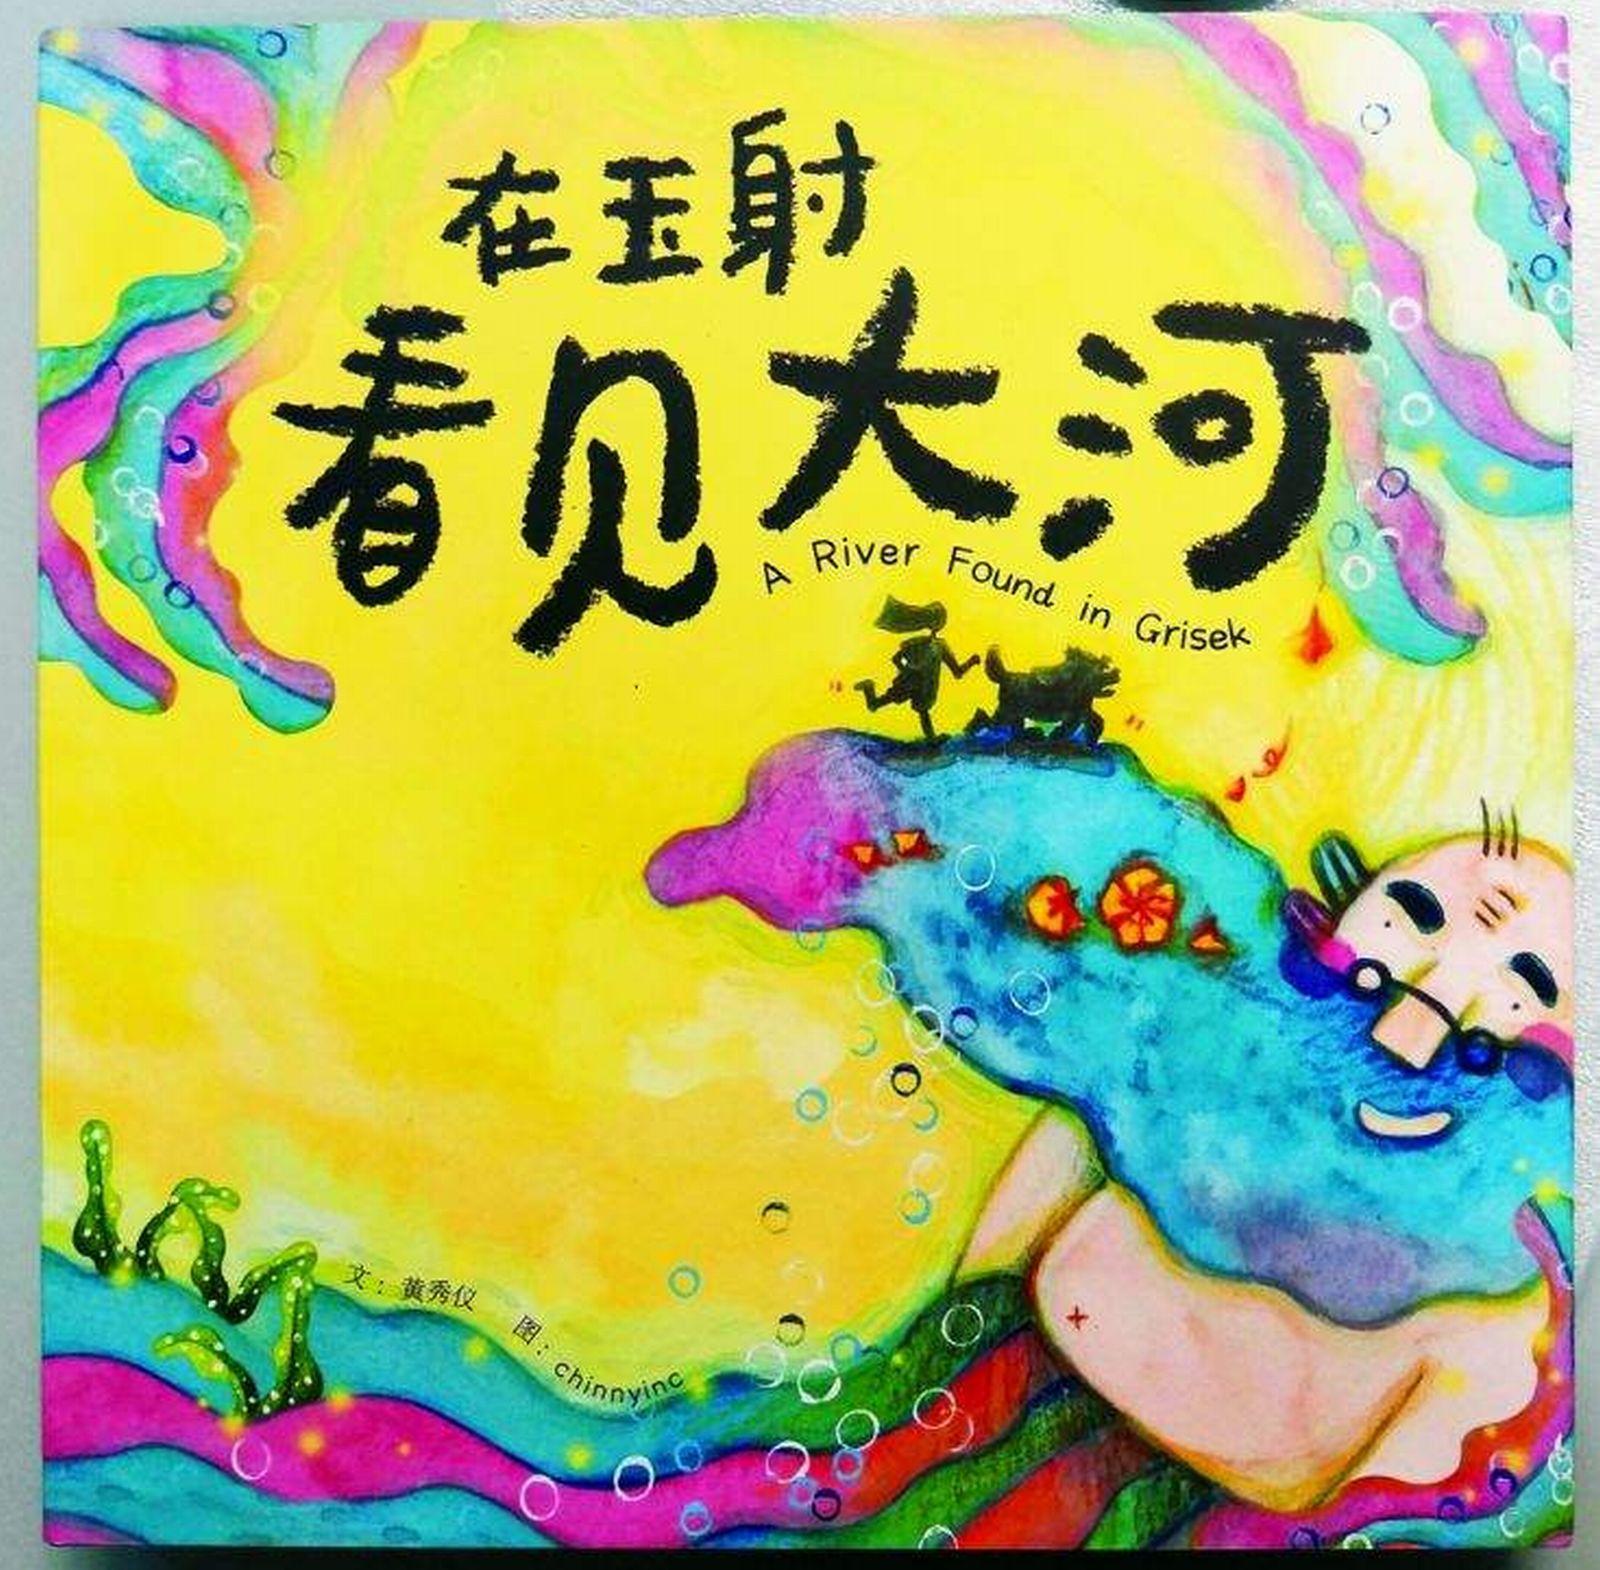 柔:【这些人那些事】(本月13日刊):玉射新村美丽传说,3神兽守护山林河流